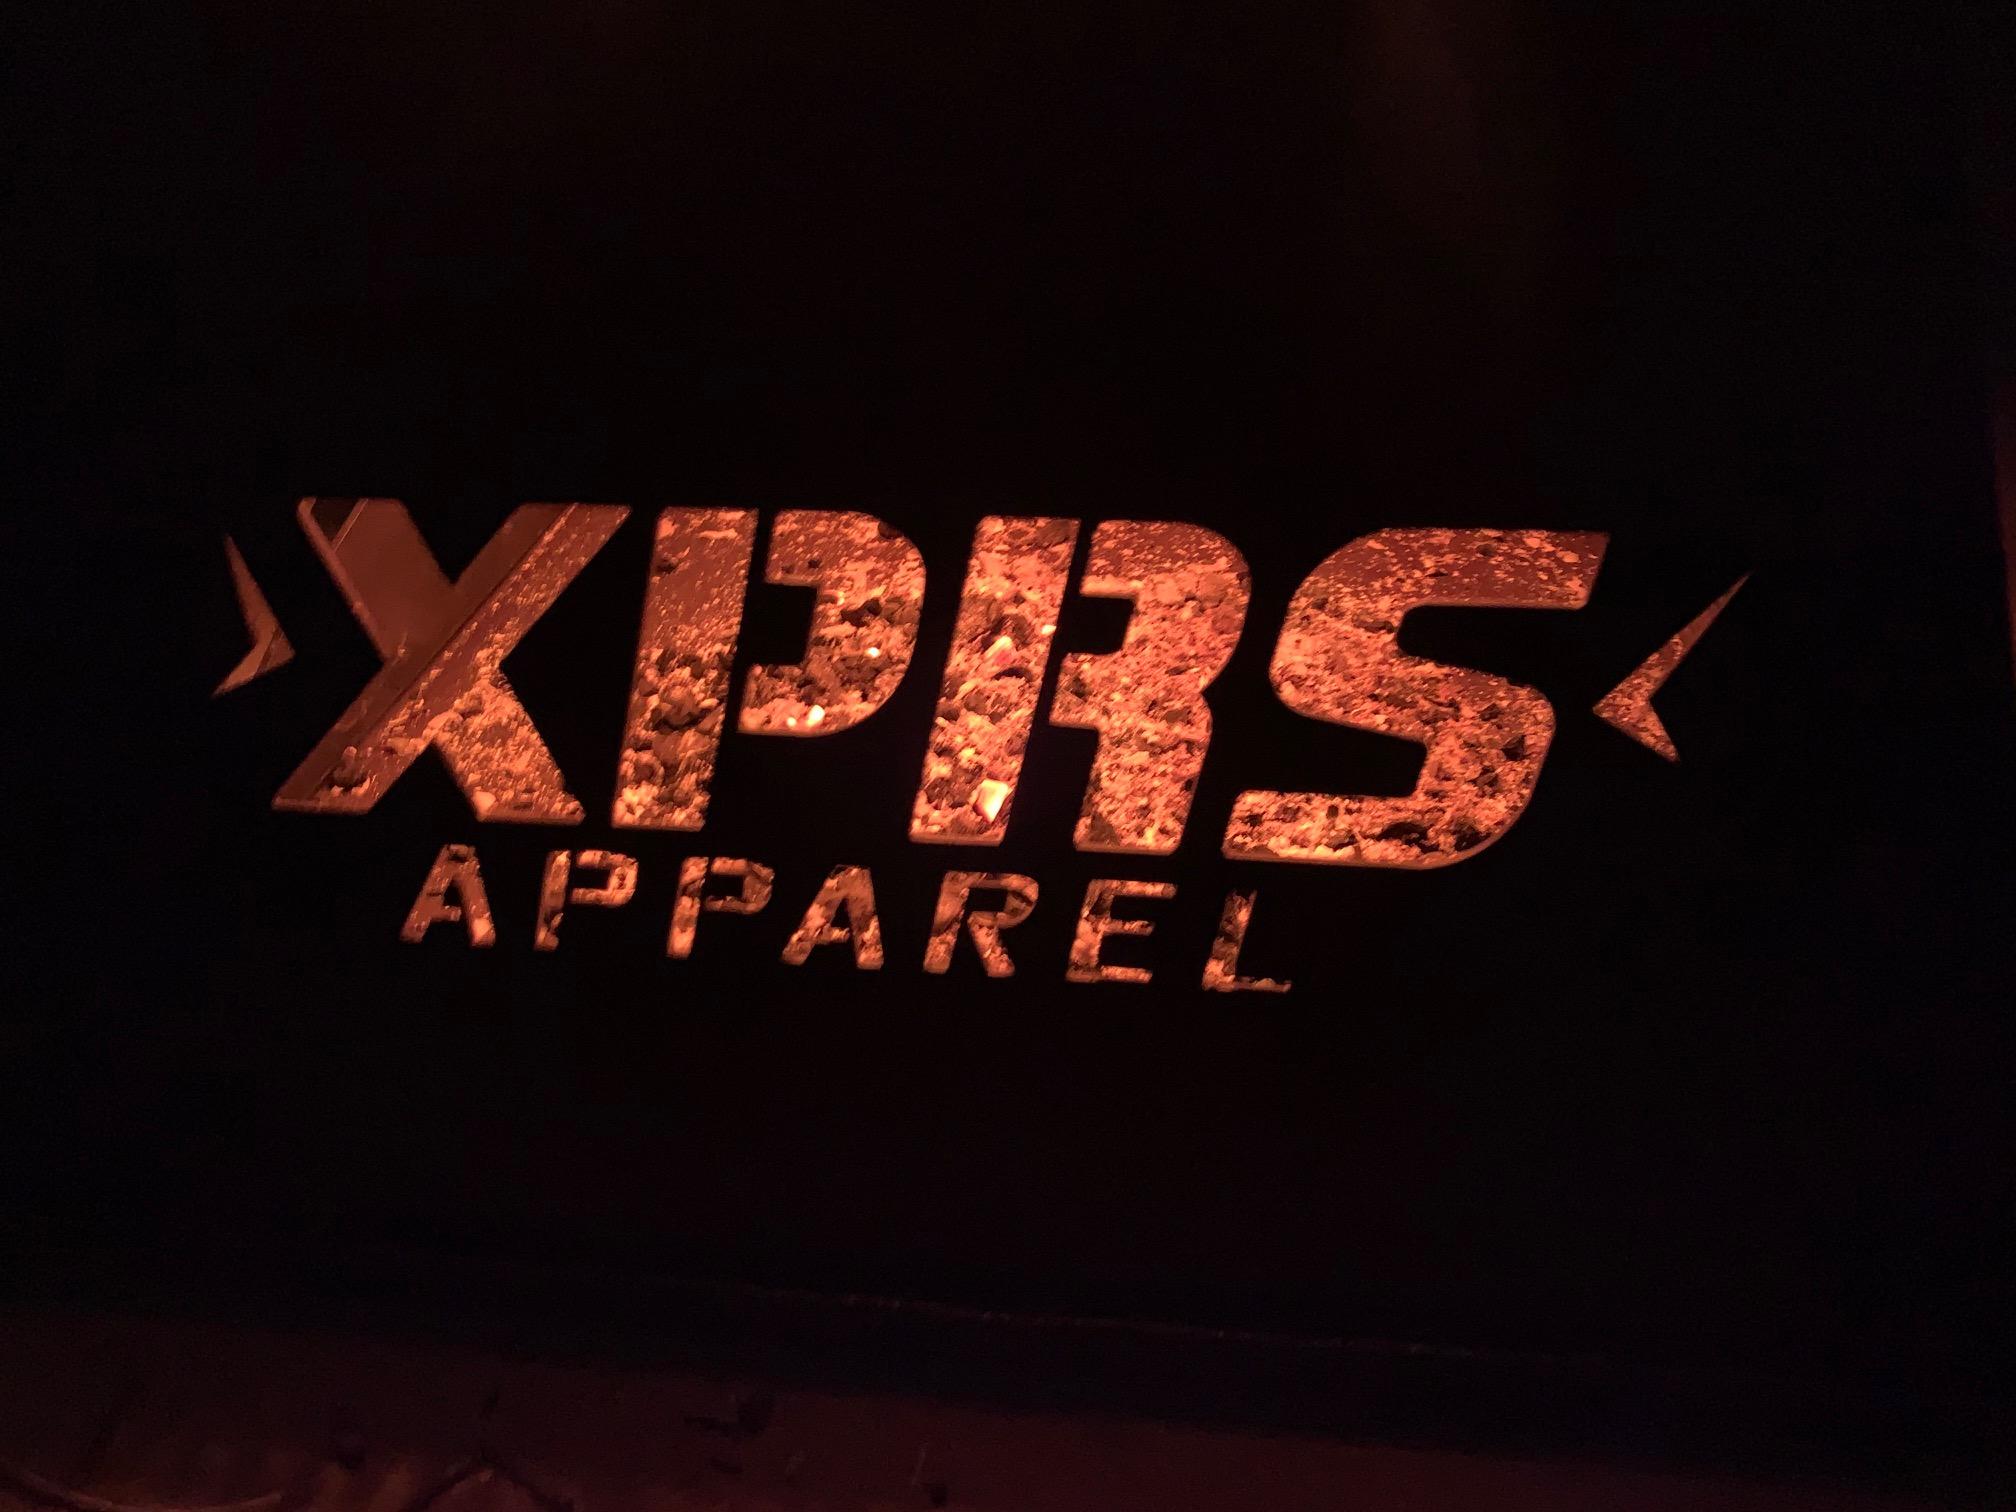 XPRS Apparel